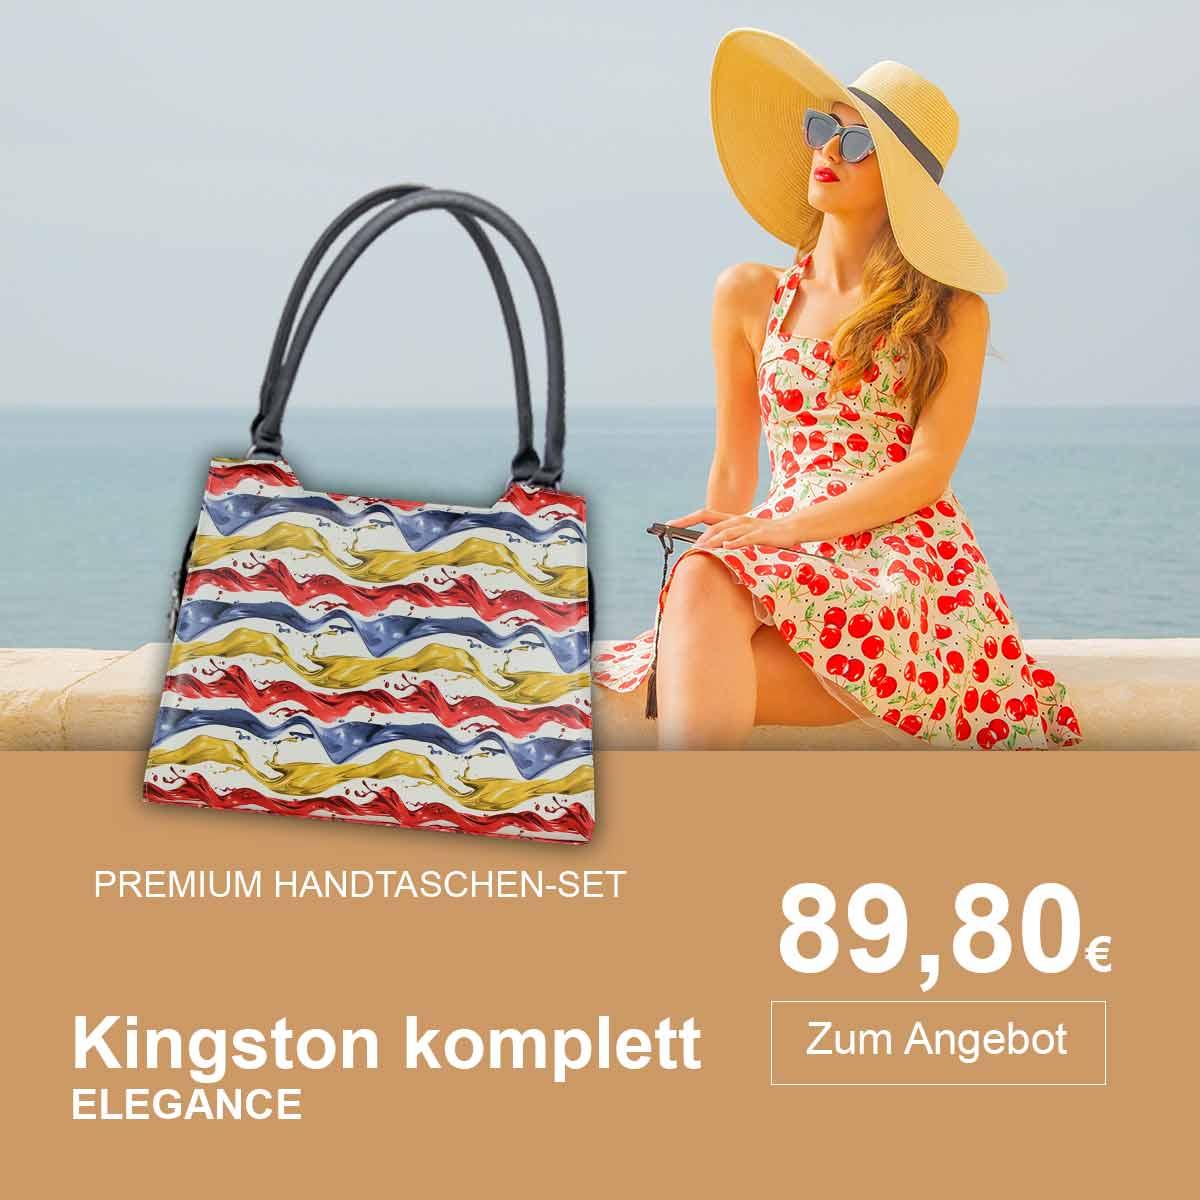 Kingston Komplett Set